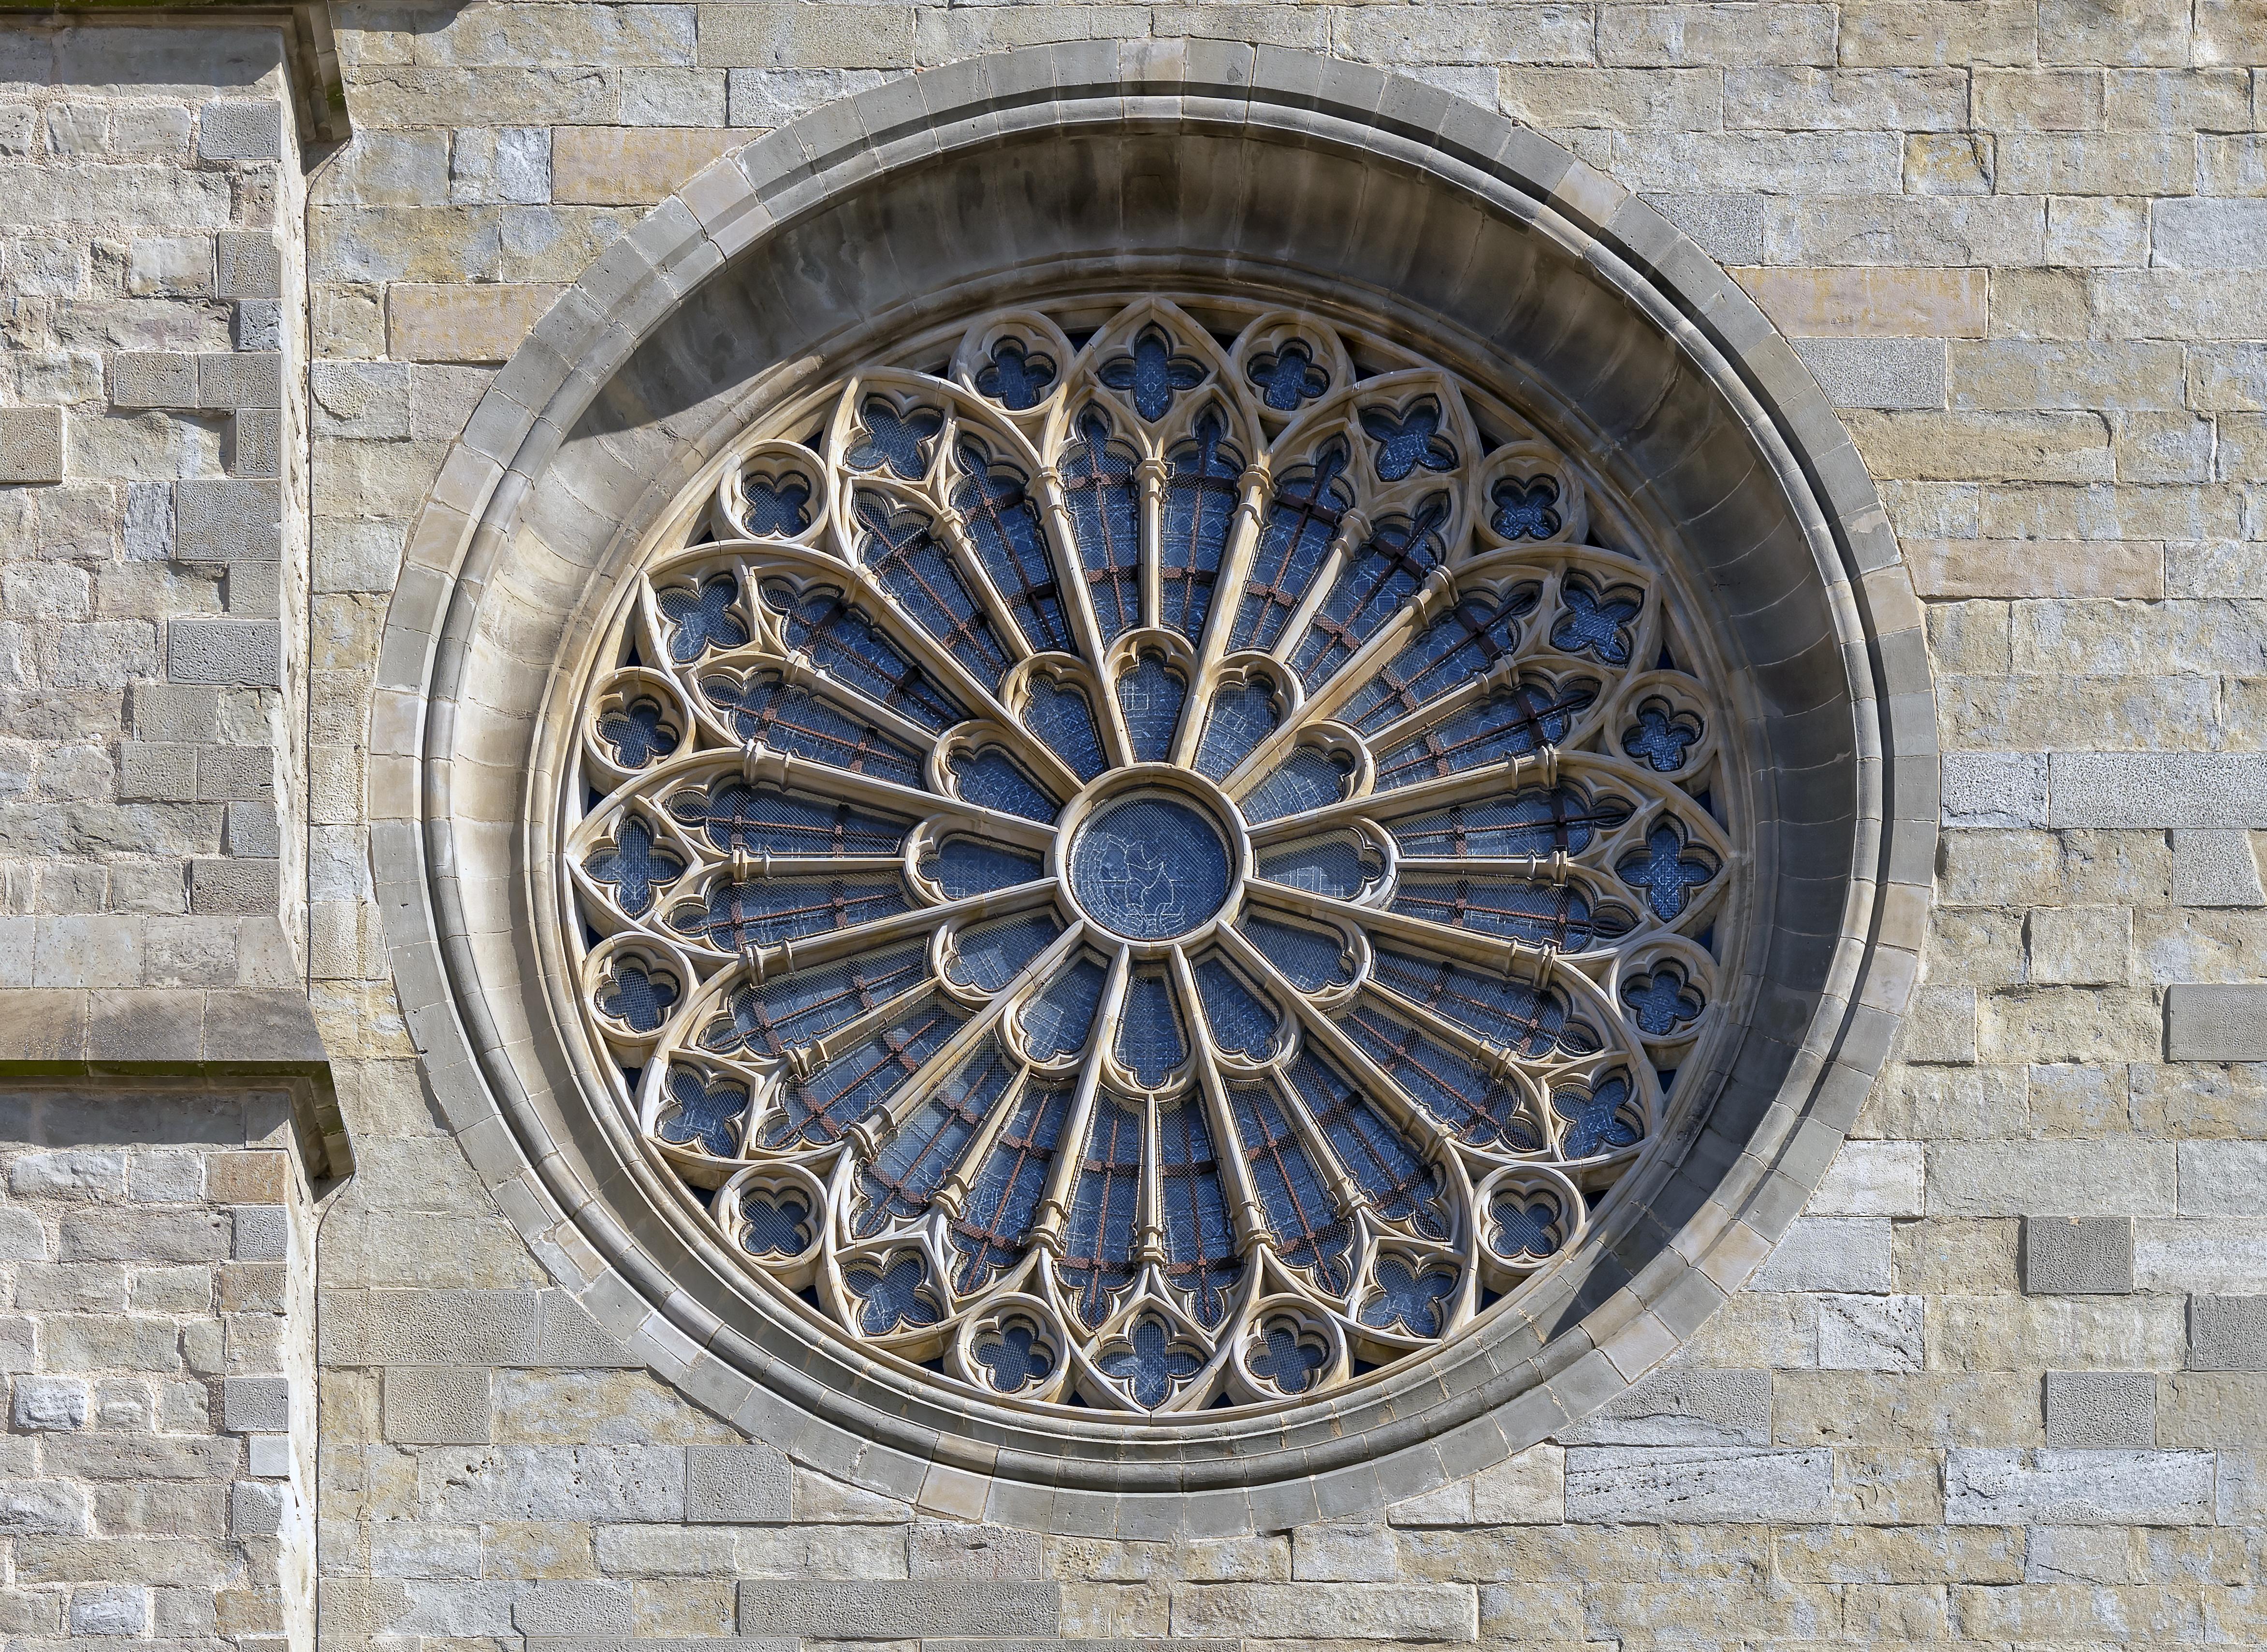 Datei:carcassonne - Cathédrale St-Michel - Rosace De La dedans Image De Rosace